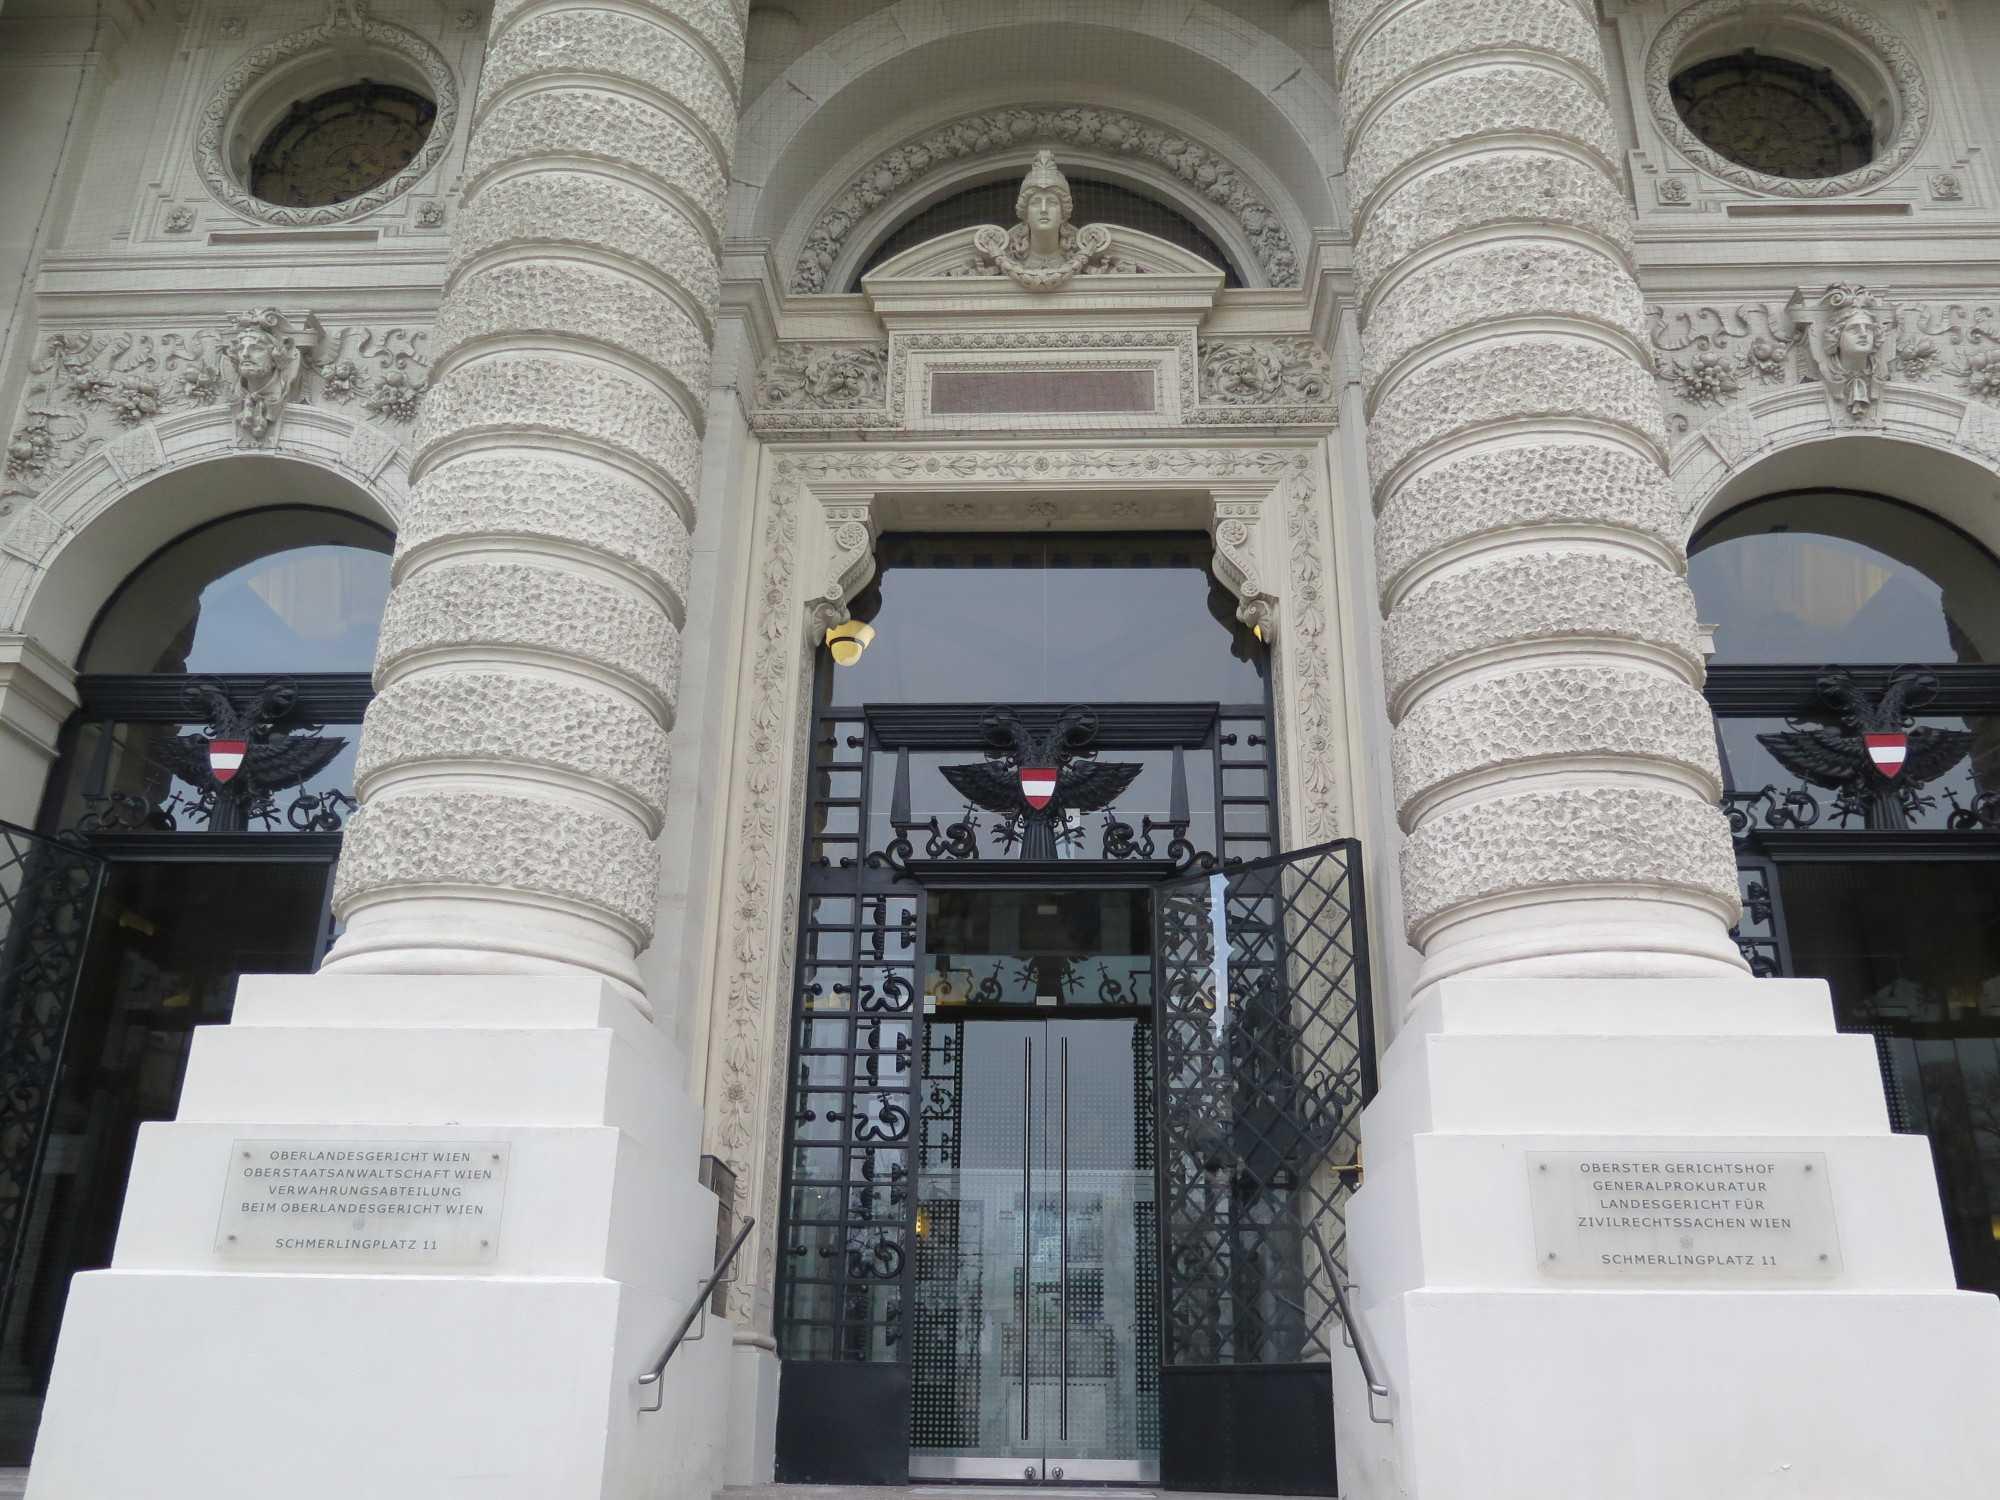 Eingang zum Obersten Gerichtshof in Wien